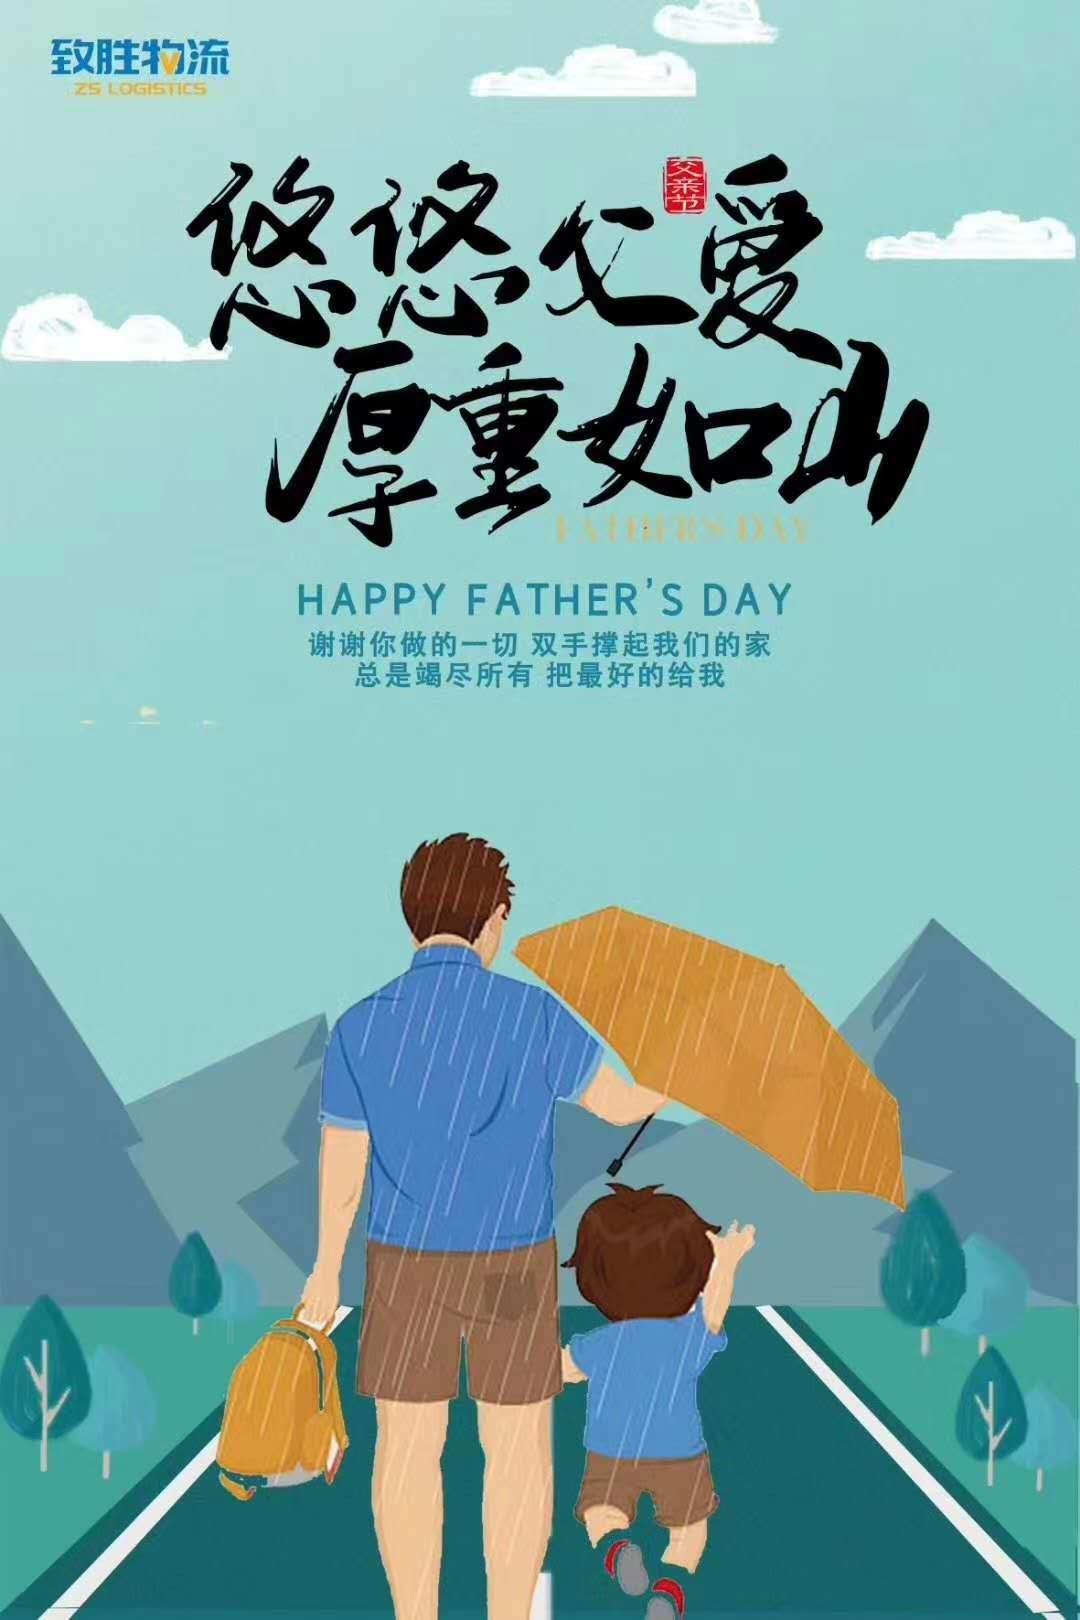 致胜物流祝愿各位父亲,节日快乐!